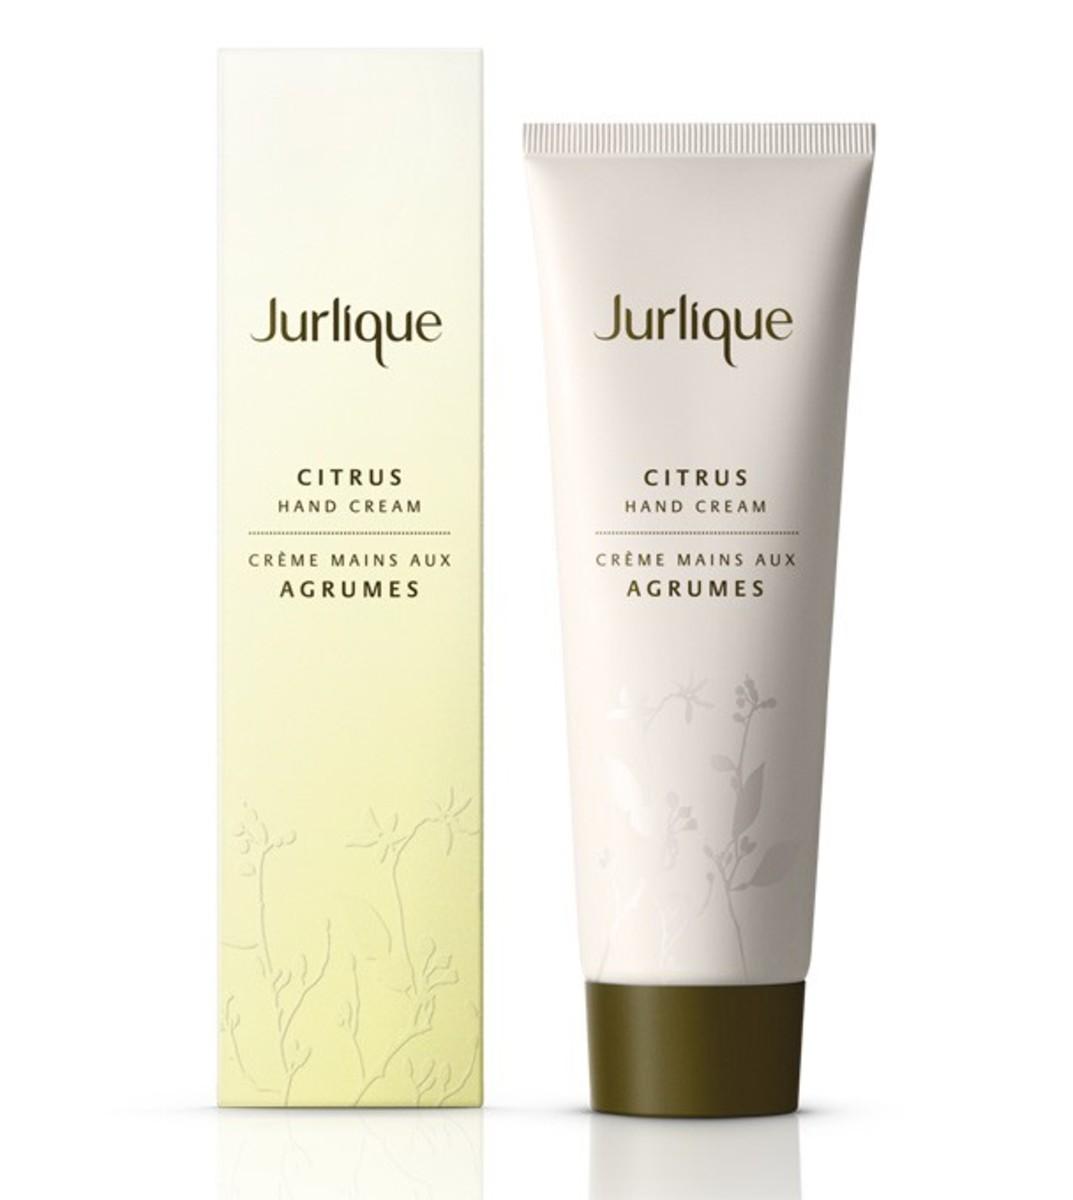 Jurlique Citrus Hand Cream, $25, available at Jurlique.com.